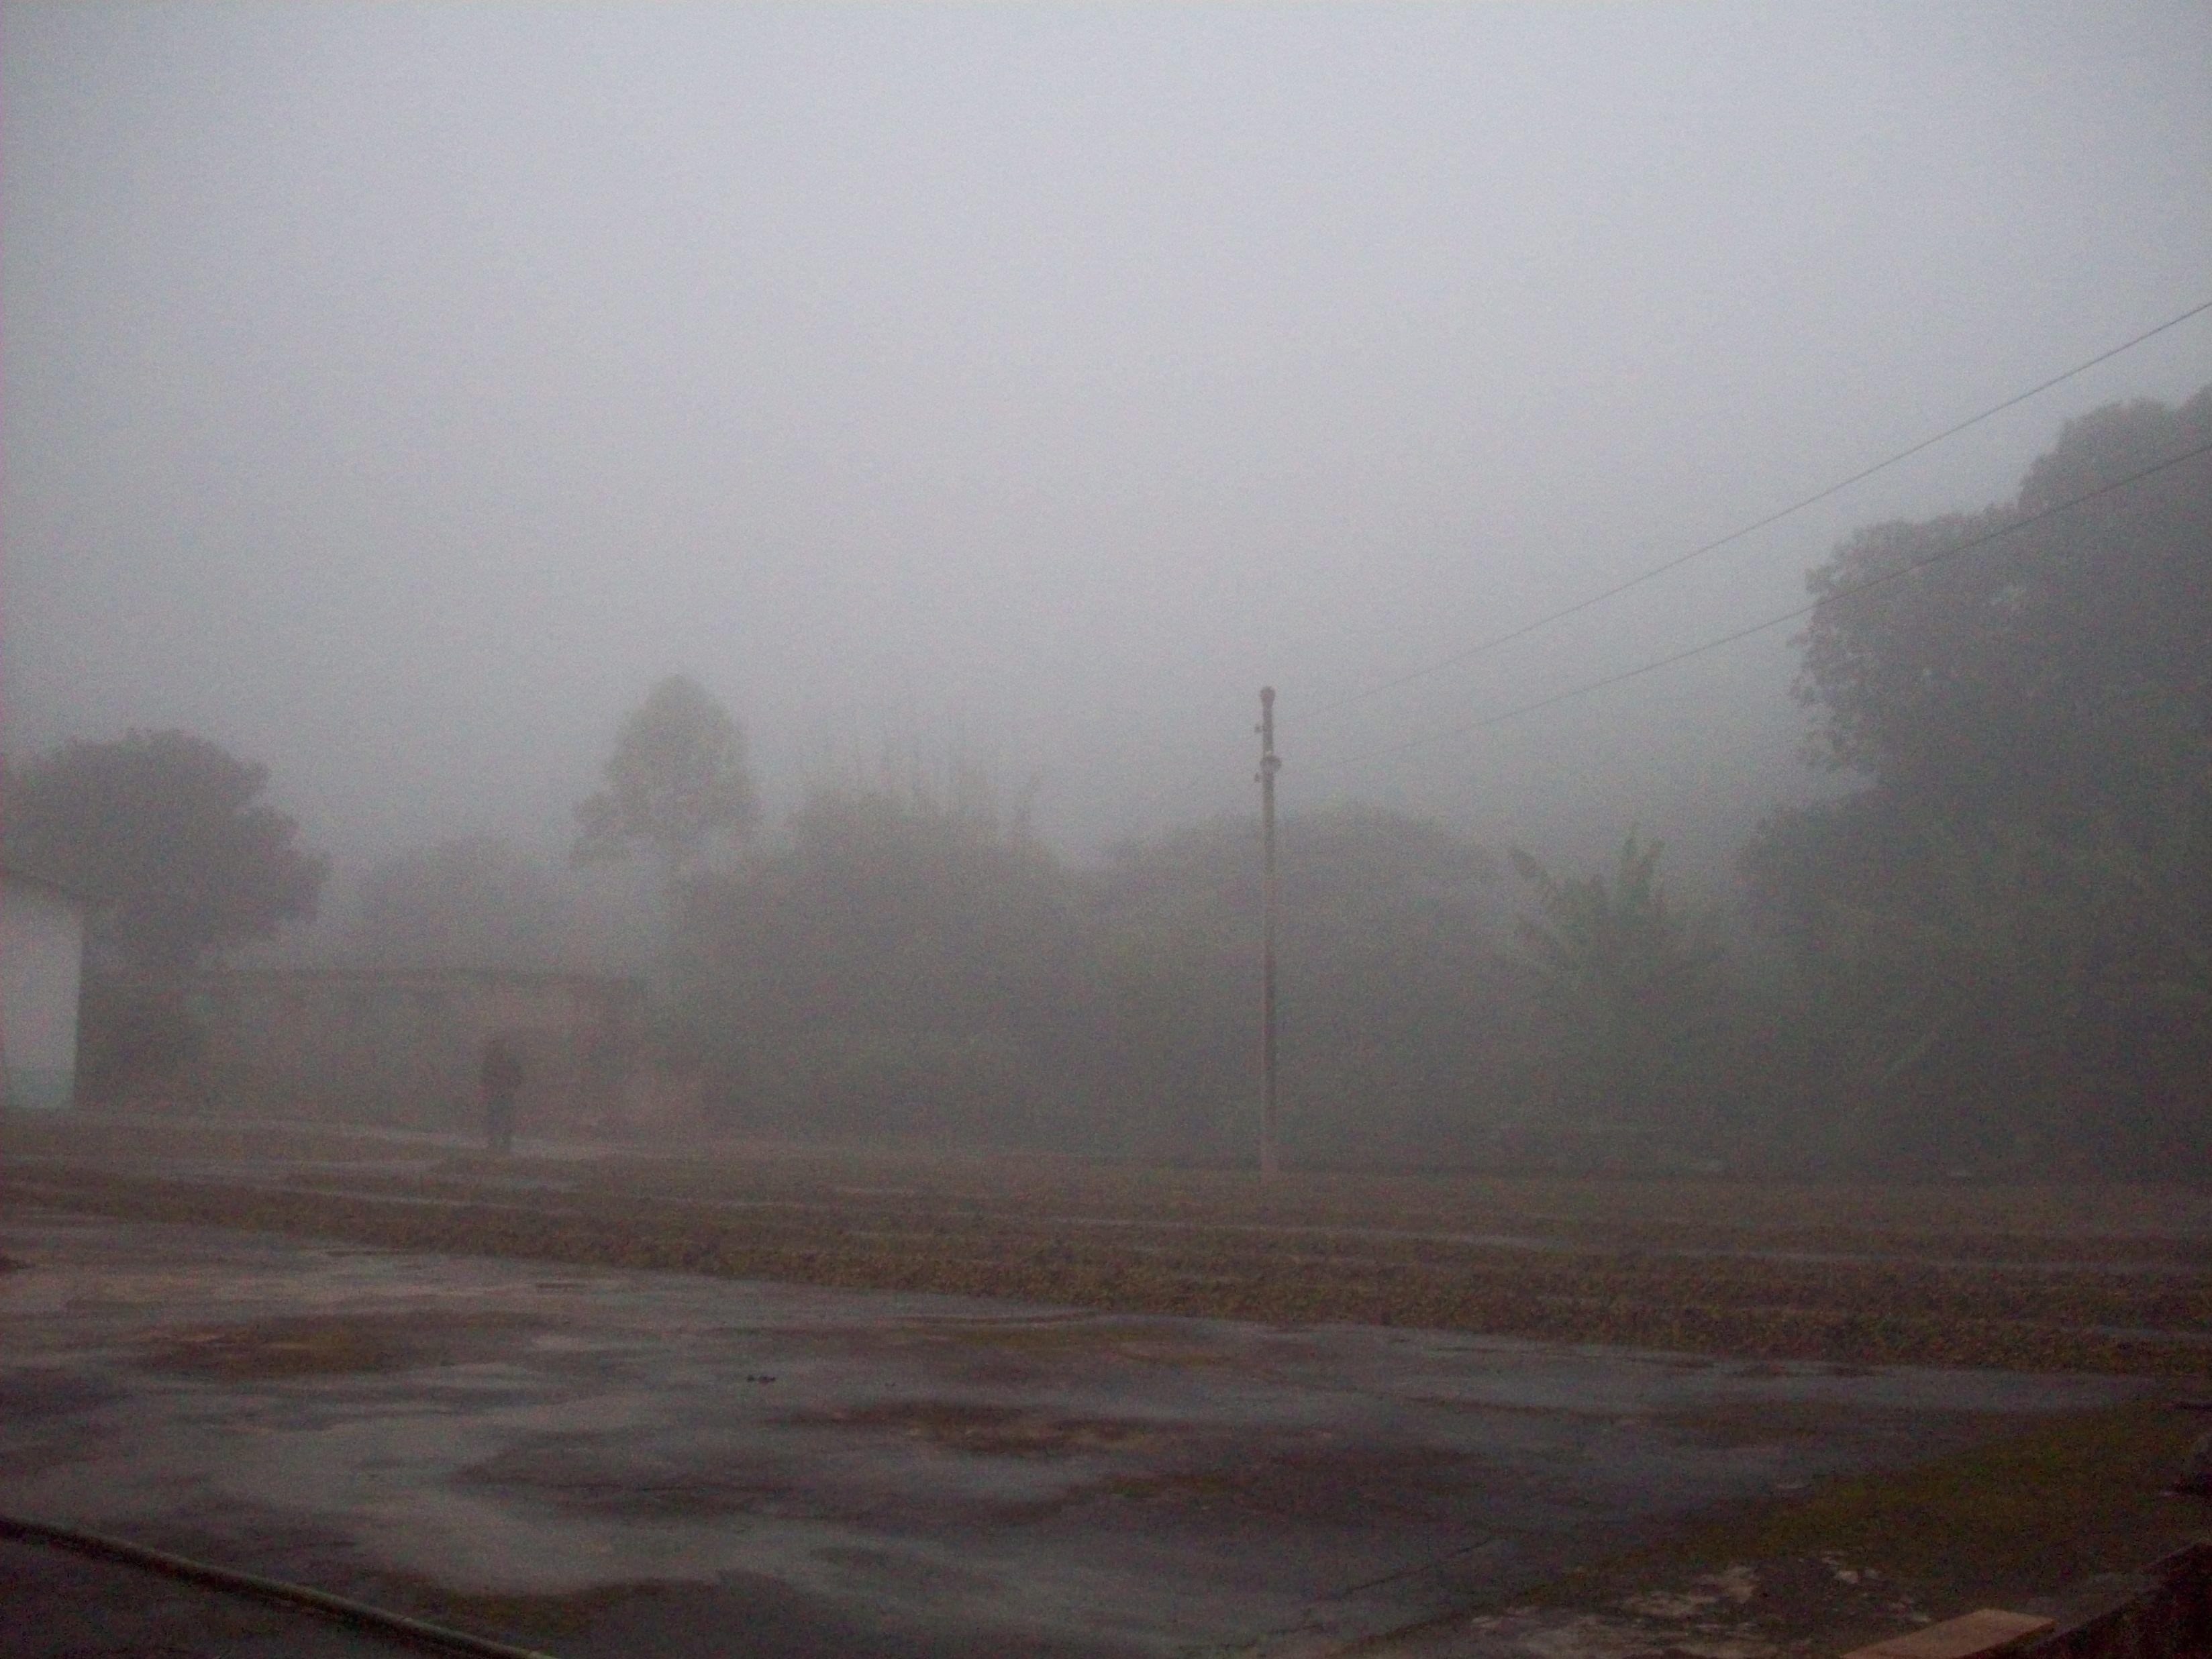 FRIOZINHO EUROPEU - 07:30 hs da manhã